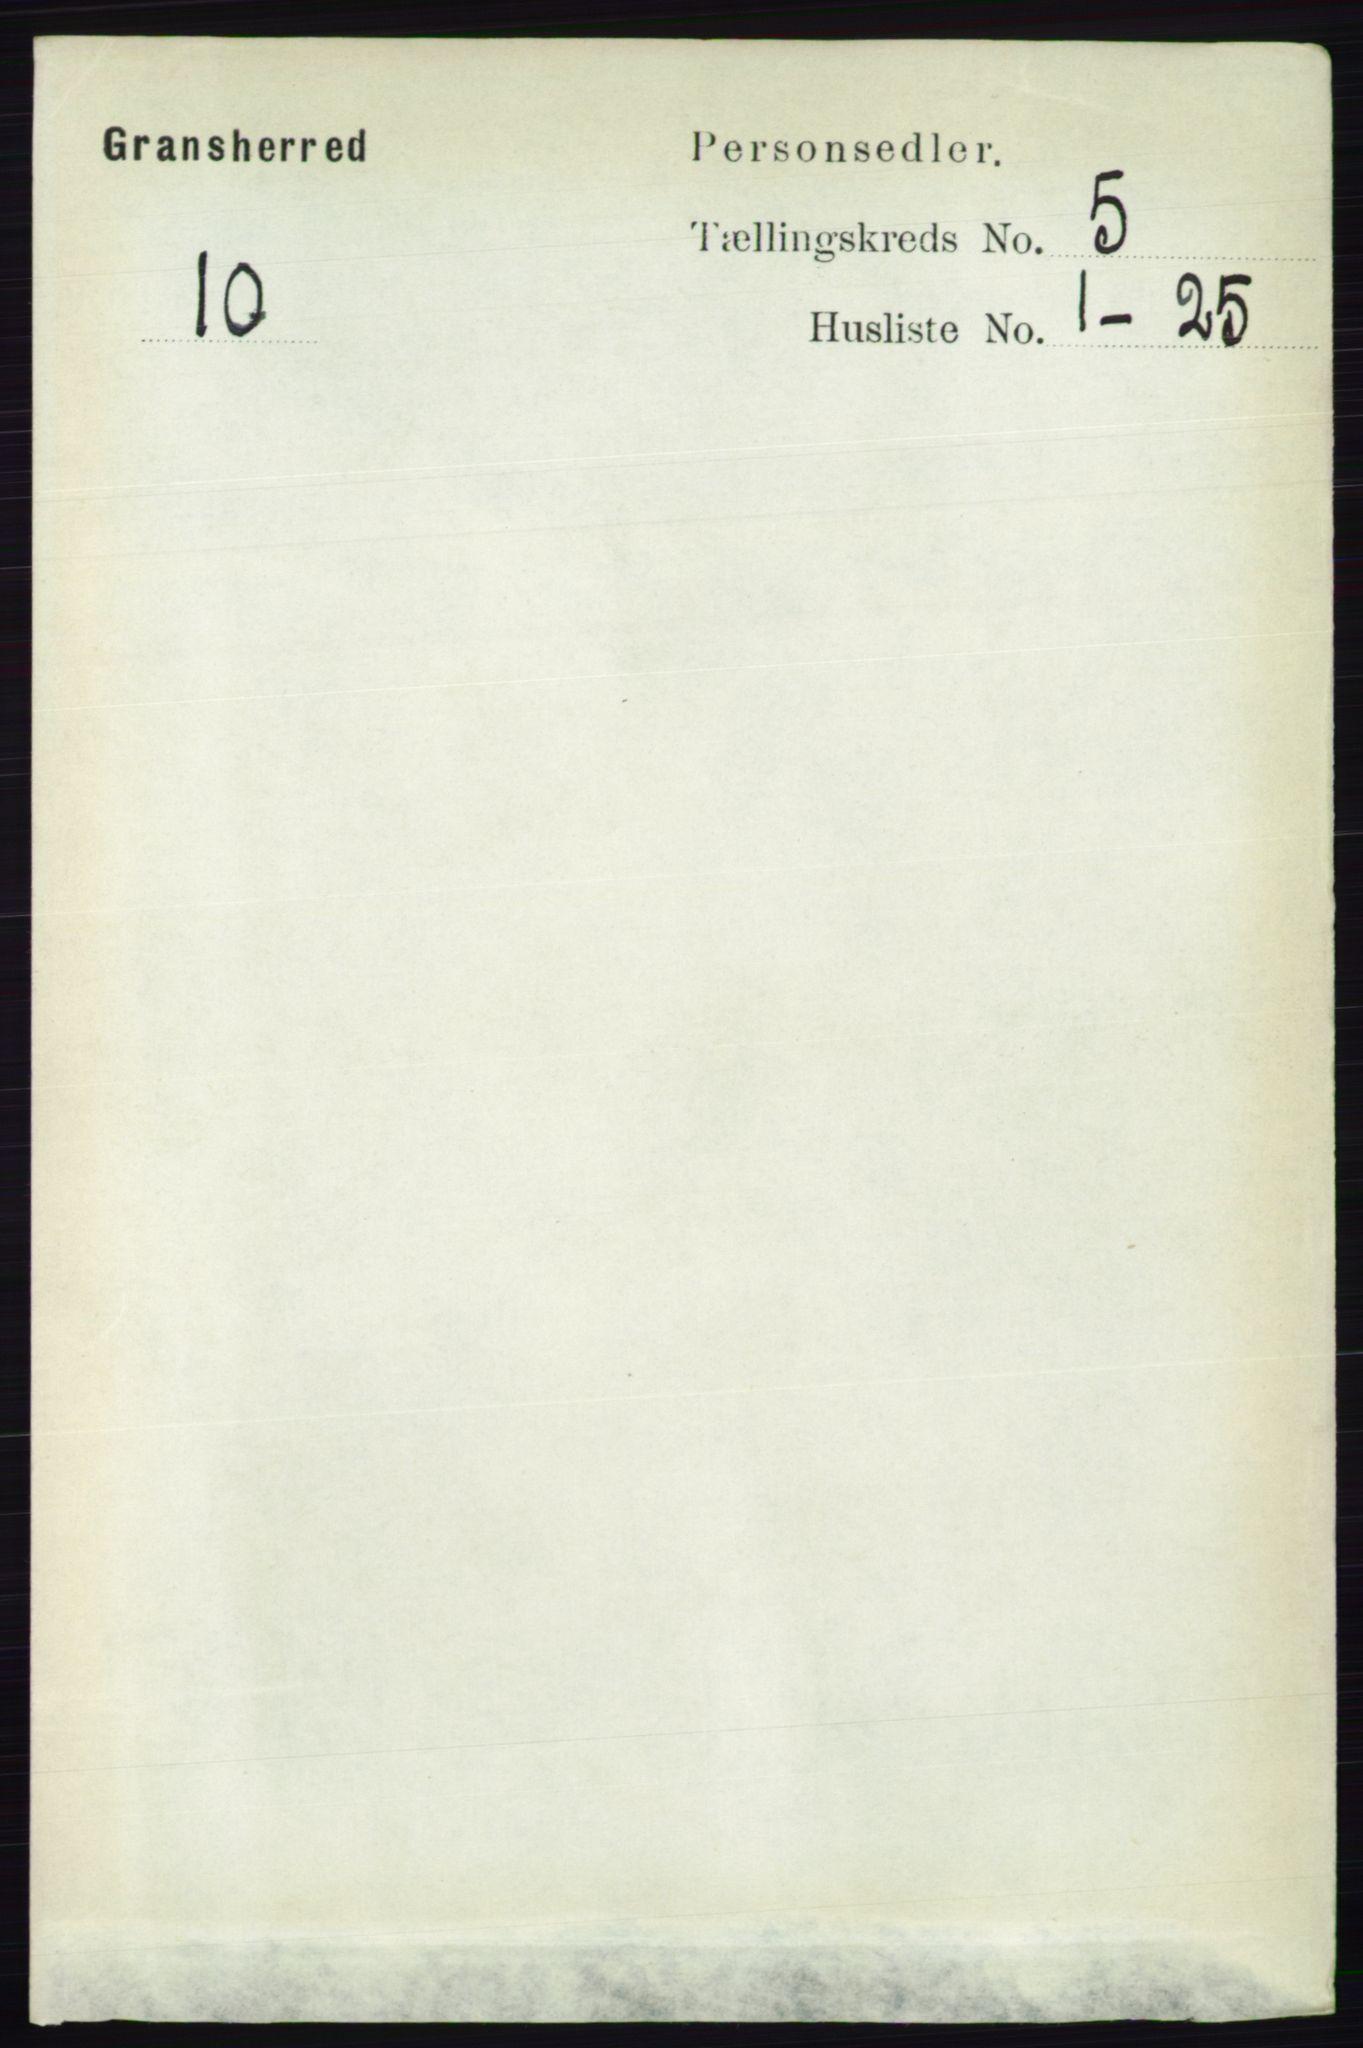 RA, Folketelling 1891 for 0824 Gransherad herred, 1891, s. 850